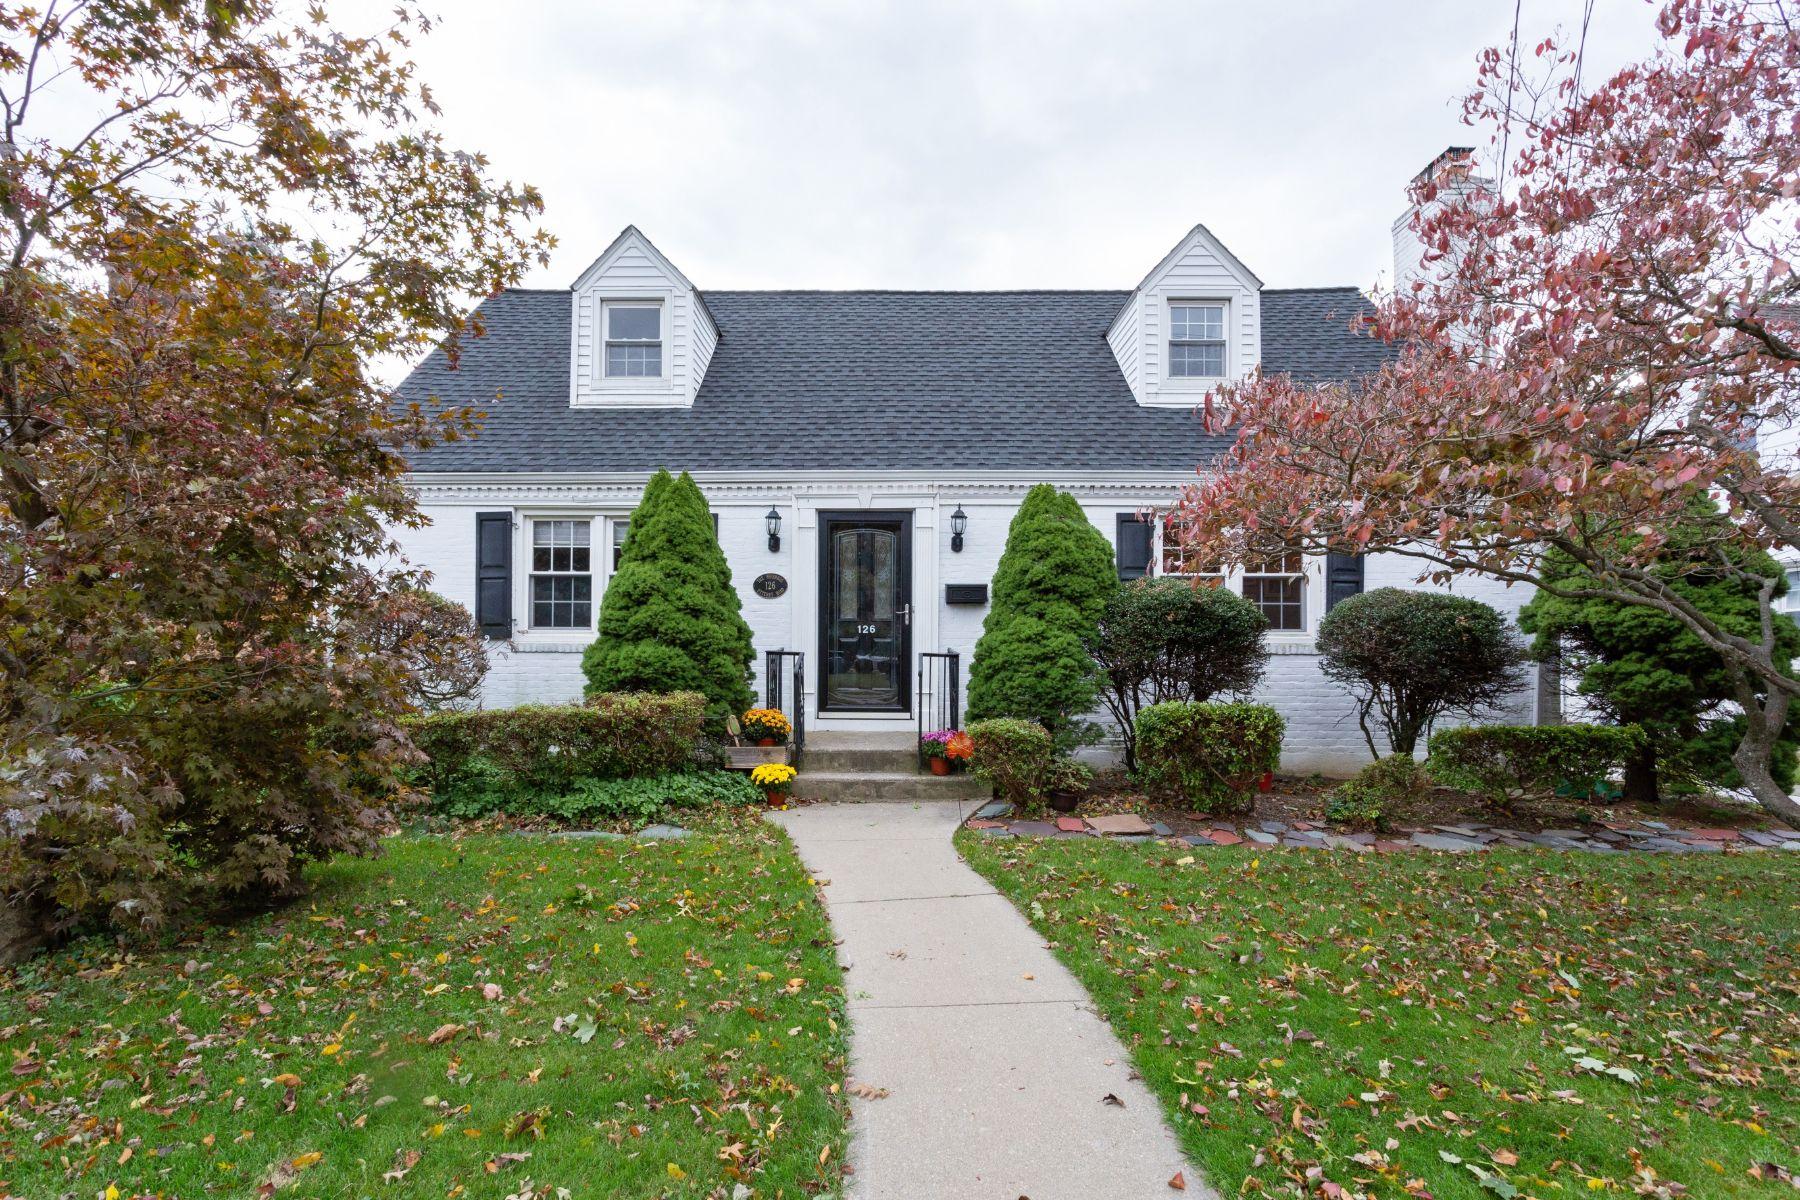 Single Family Homes für Verkauf beim Malverne 126 Utterby Rd, Malverne, New York 11565 Vereinigte Staaten